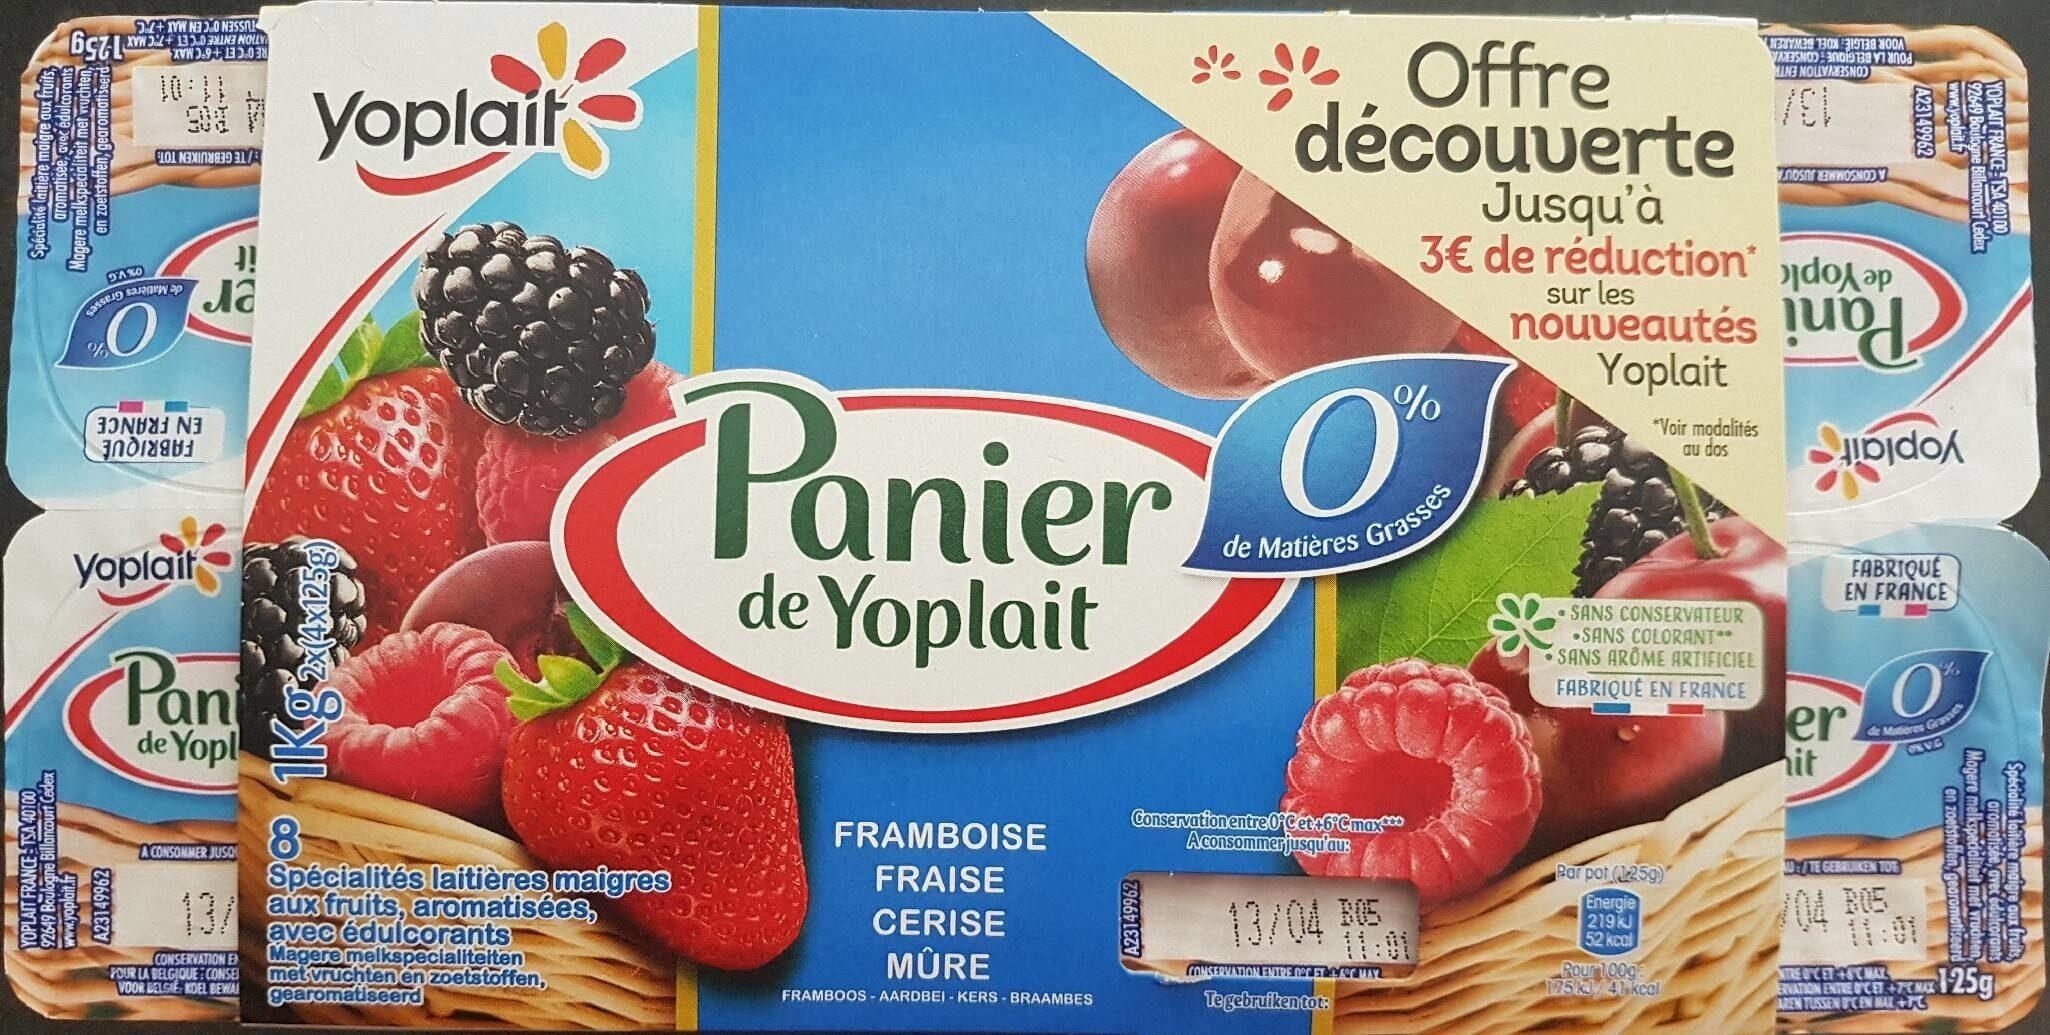 Panier de Yoplait 0% de MG - Product